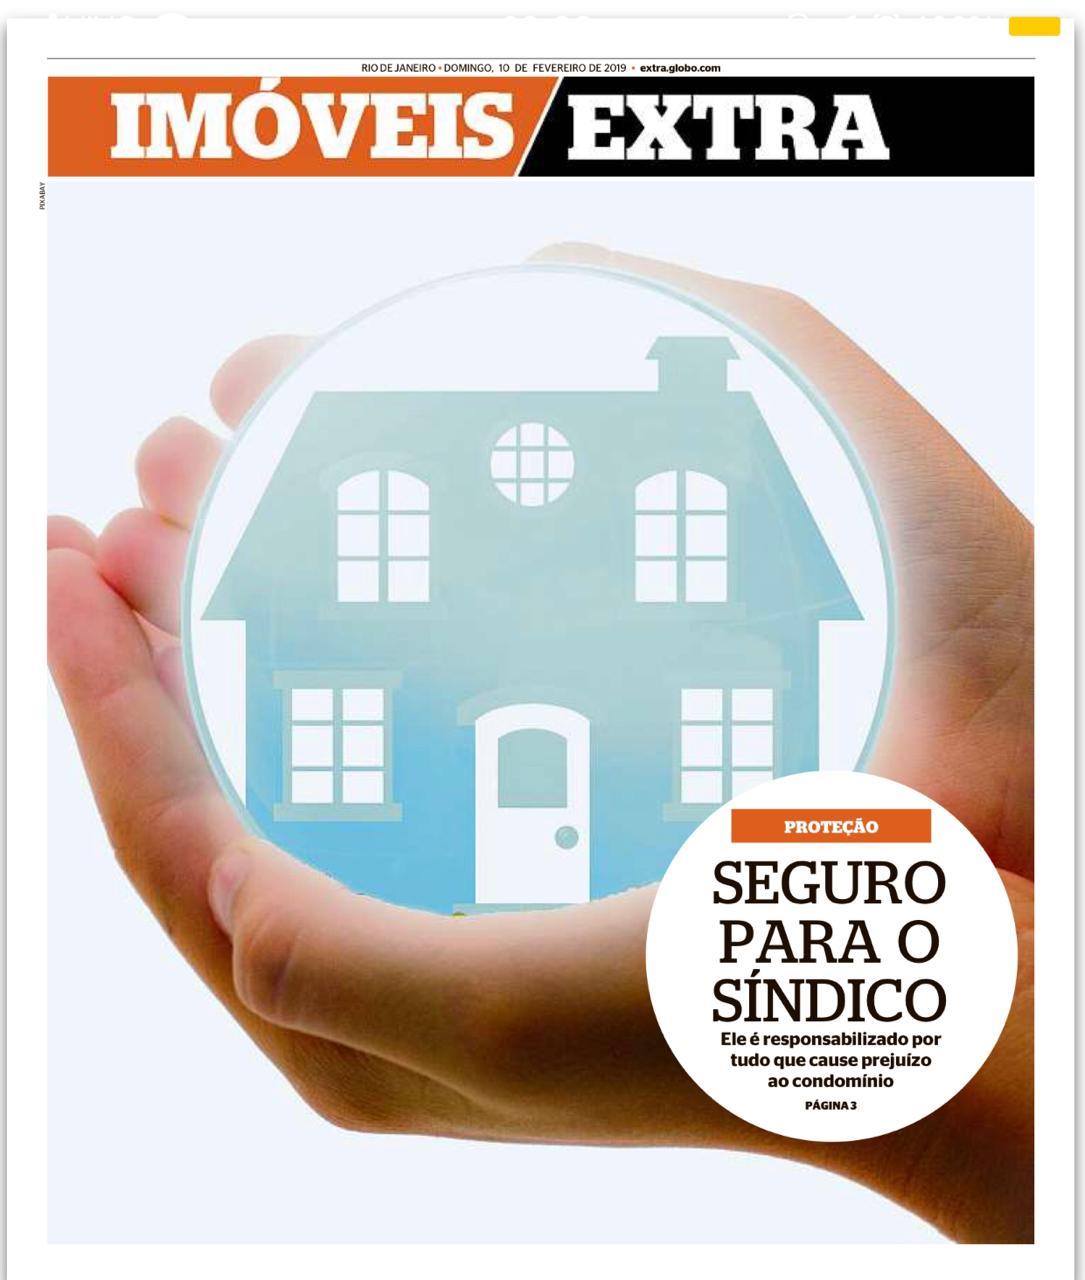 """Arte do Jornal Extra com uma mão segurando um prédio (representando segurança) para a pauta """"Seguro de Responsabilidade do Síndico"""" para o Blog da Estasa."""